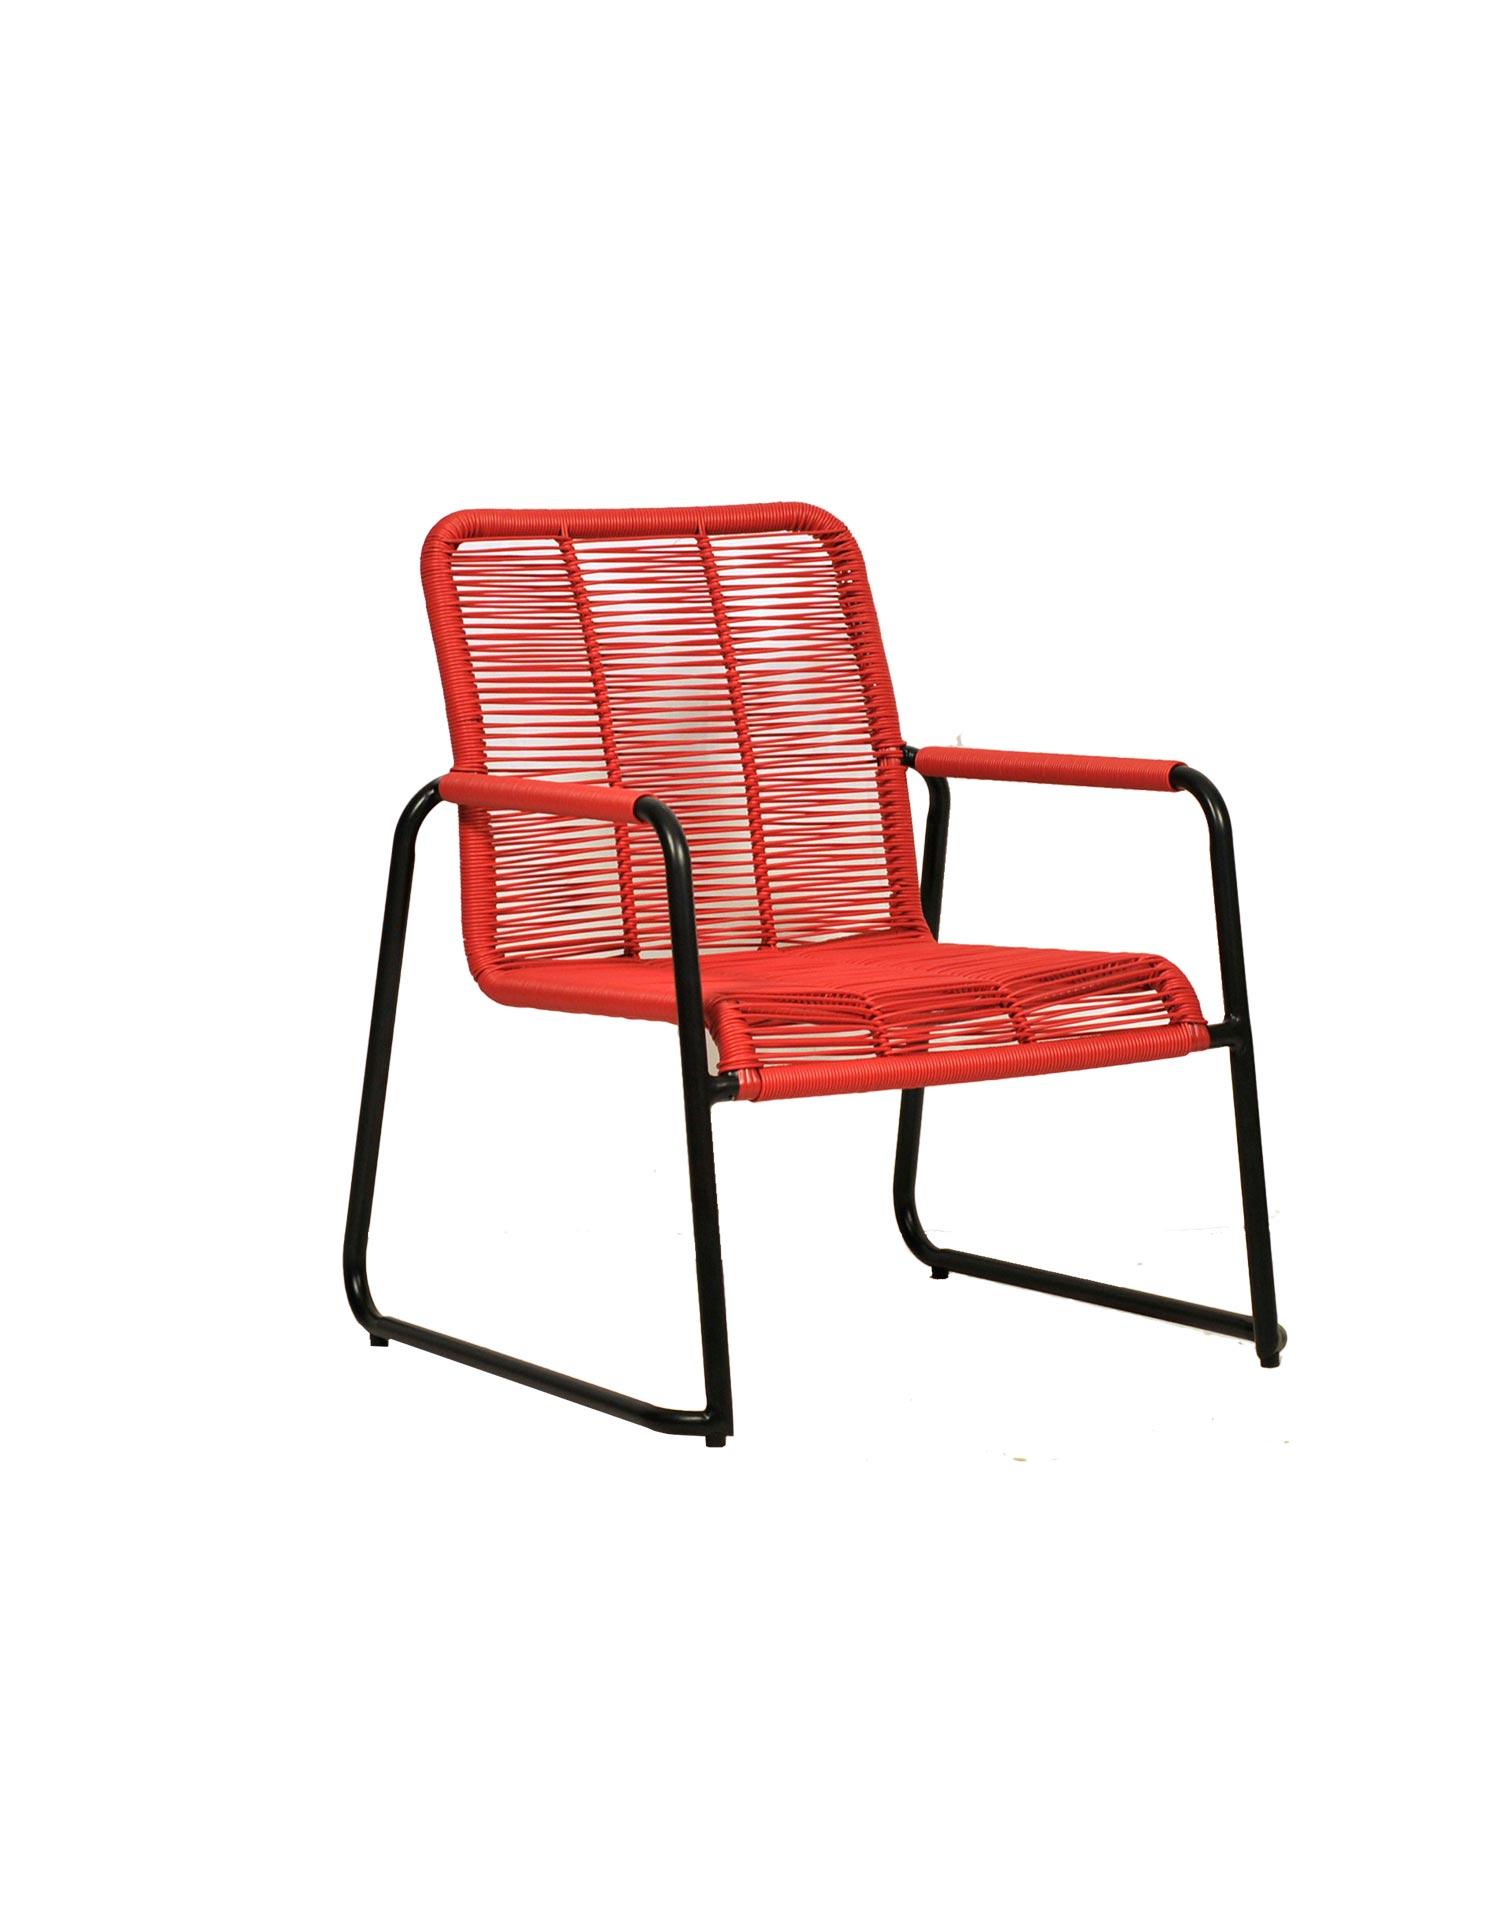 spaghetti gartenlounge avezzano. Black Bedroom Furniture Sets. Home Design Ideas